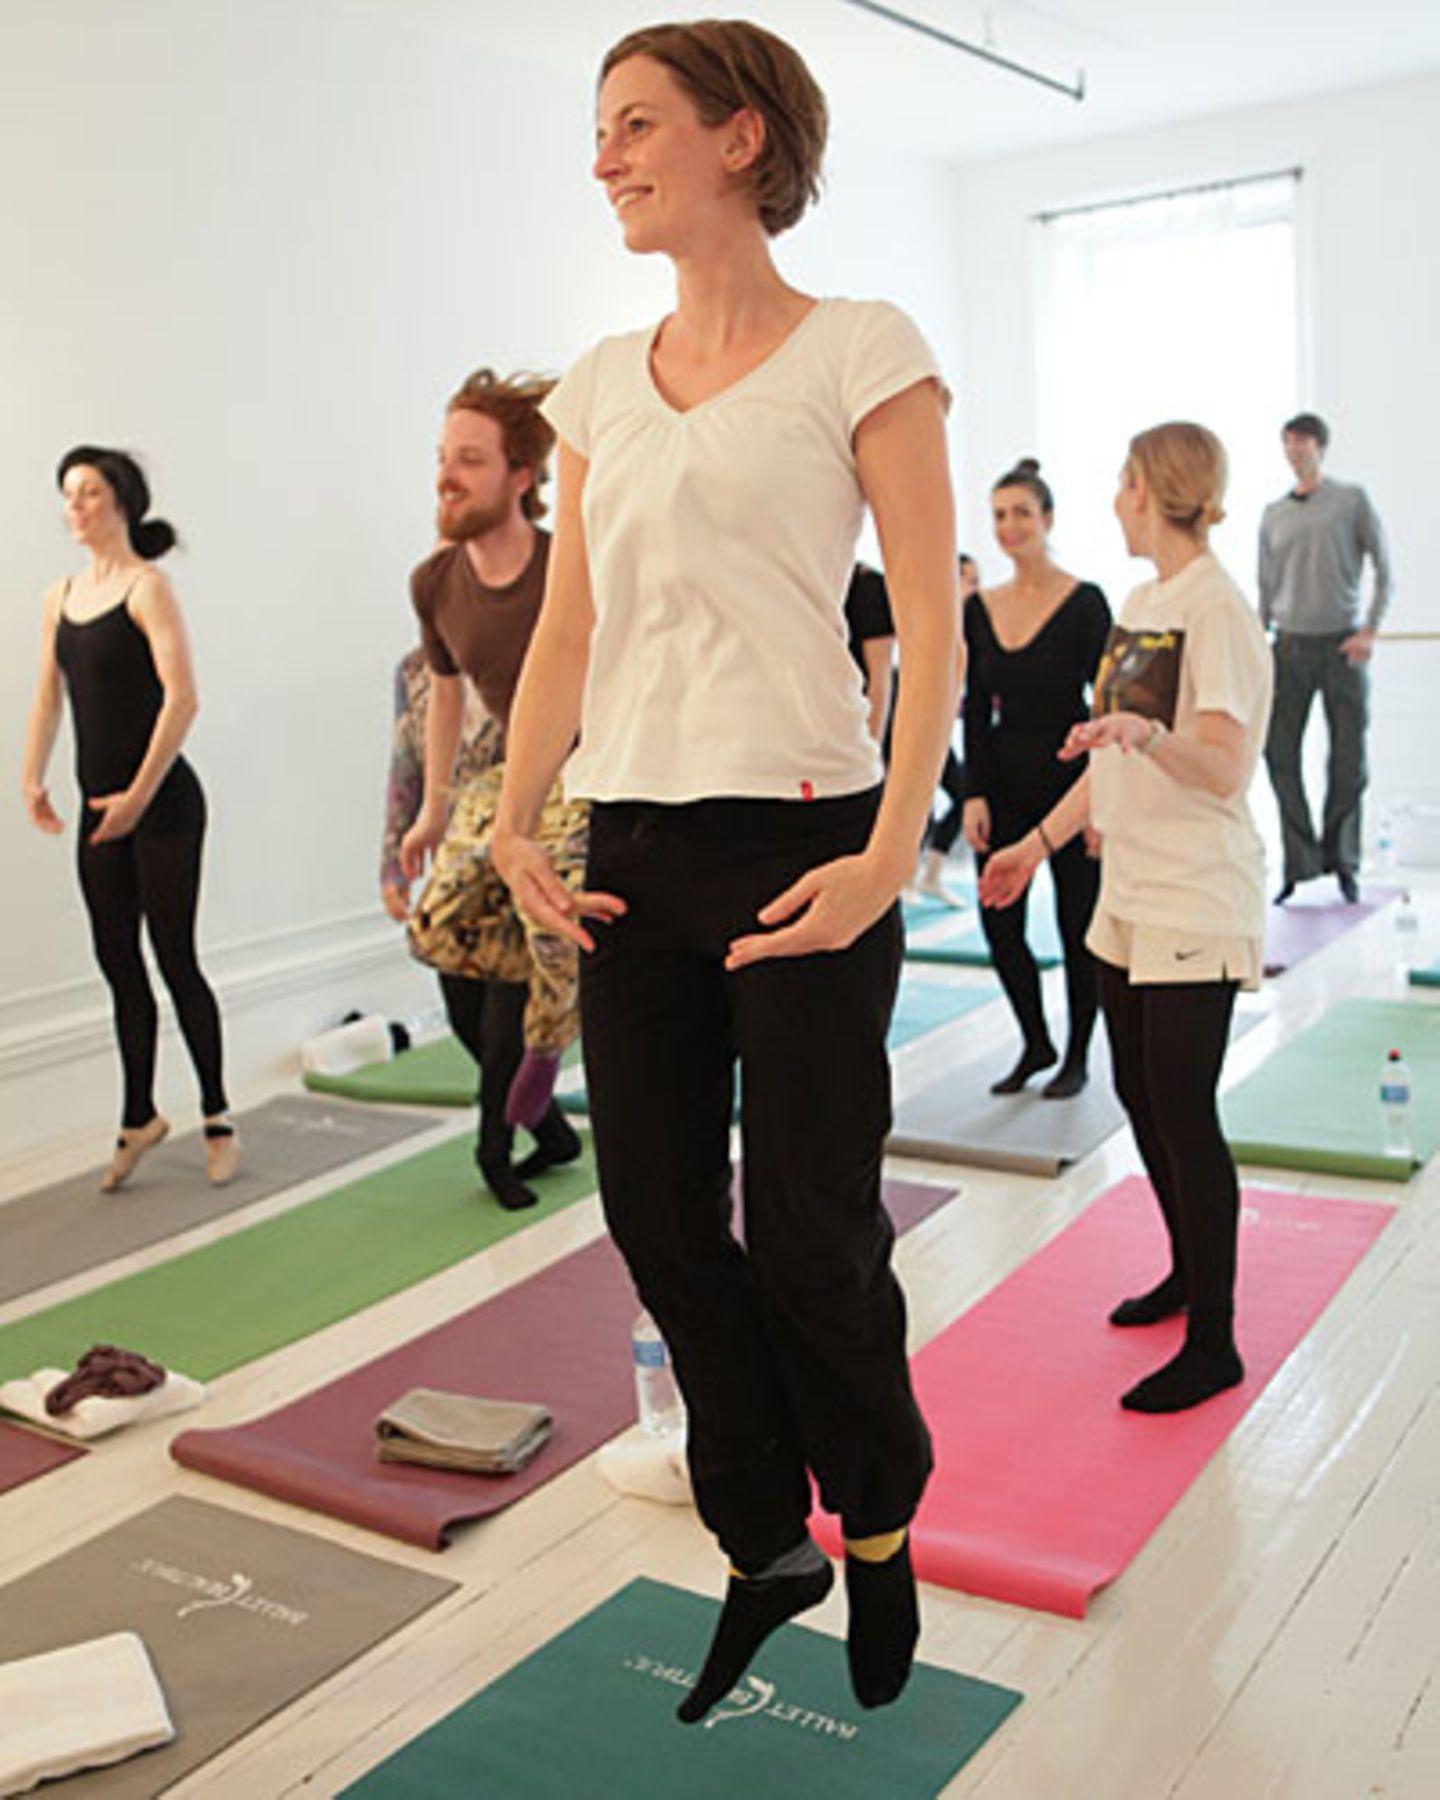 """... und bei mir so. Trotzdem habe ich das Gefühl zu fliegen. Schön! Trainingserfolg nach einer Stunde: Ich bin ordentlich außer Puste. Und werde an den nächsten Tagen viele Muskeln spüren, von denen ich lange nichts gehört habe. Mit Natalie Portman hat Mary Helen Bowers übrigens ein Jahr lang trainiert, fünf bis sechs Tage pro Woche, fünf Stunden täglich. Das Ergebnis - ein perfekt modellierter Ballerina-Körper - ist in """"Black Swan"""" zu bewundern. Wer Lust hat, das Ballett-Workout auszuprobieren: Unter www.ballettbeautiful.com kann man Videos anschauen und ein interaktives Online-Training buchen."""